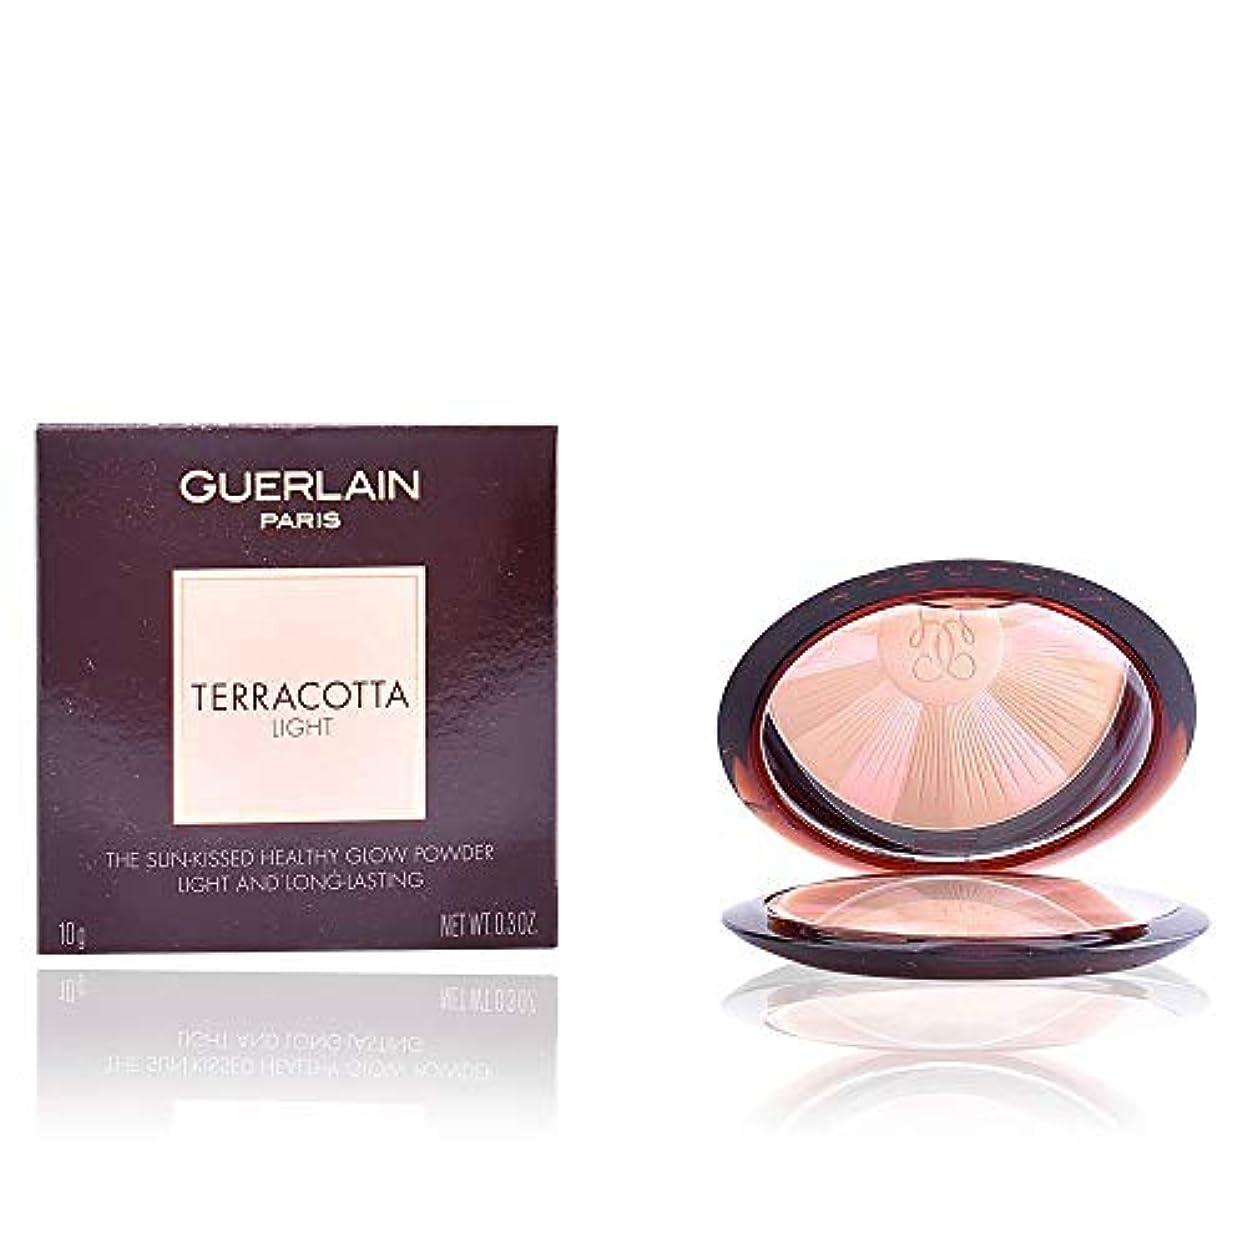 反逆者シネマ脱獄ゲラン Terracotta Light The Sun Kissed Healthy Glow Powder - # 00 Light Cool 10g/0.3oz並行輸入品